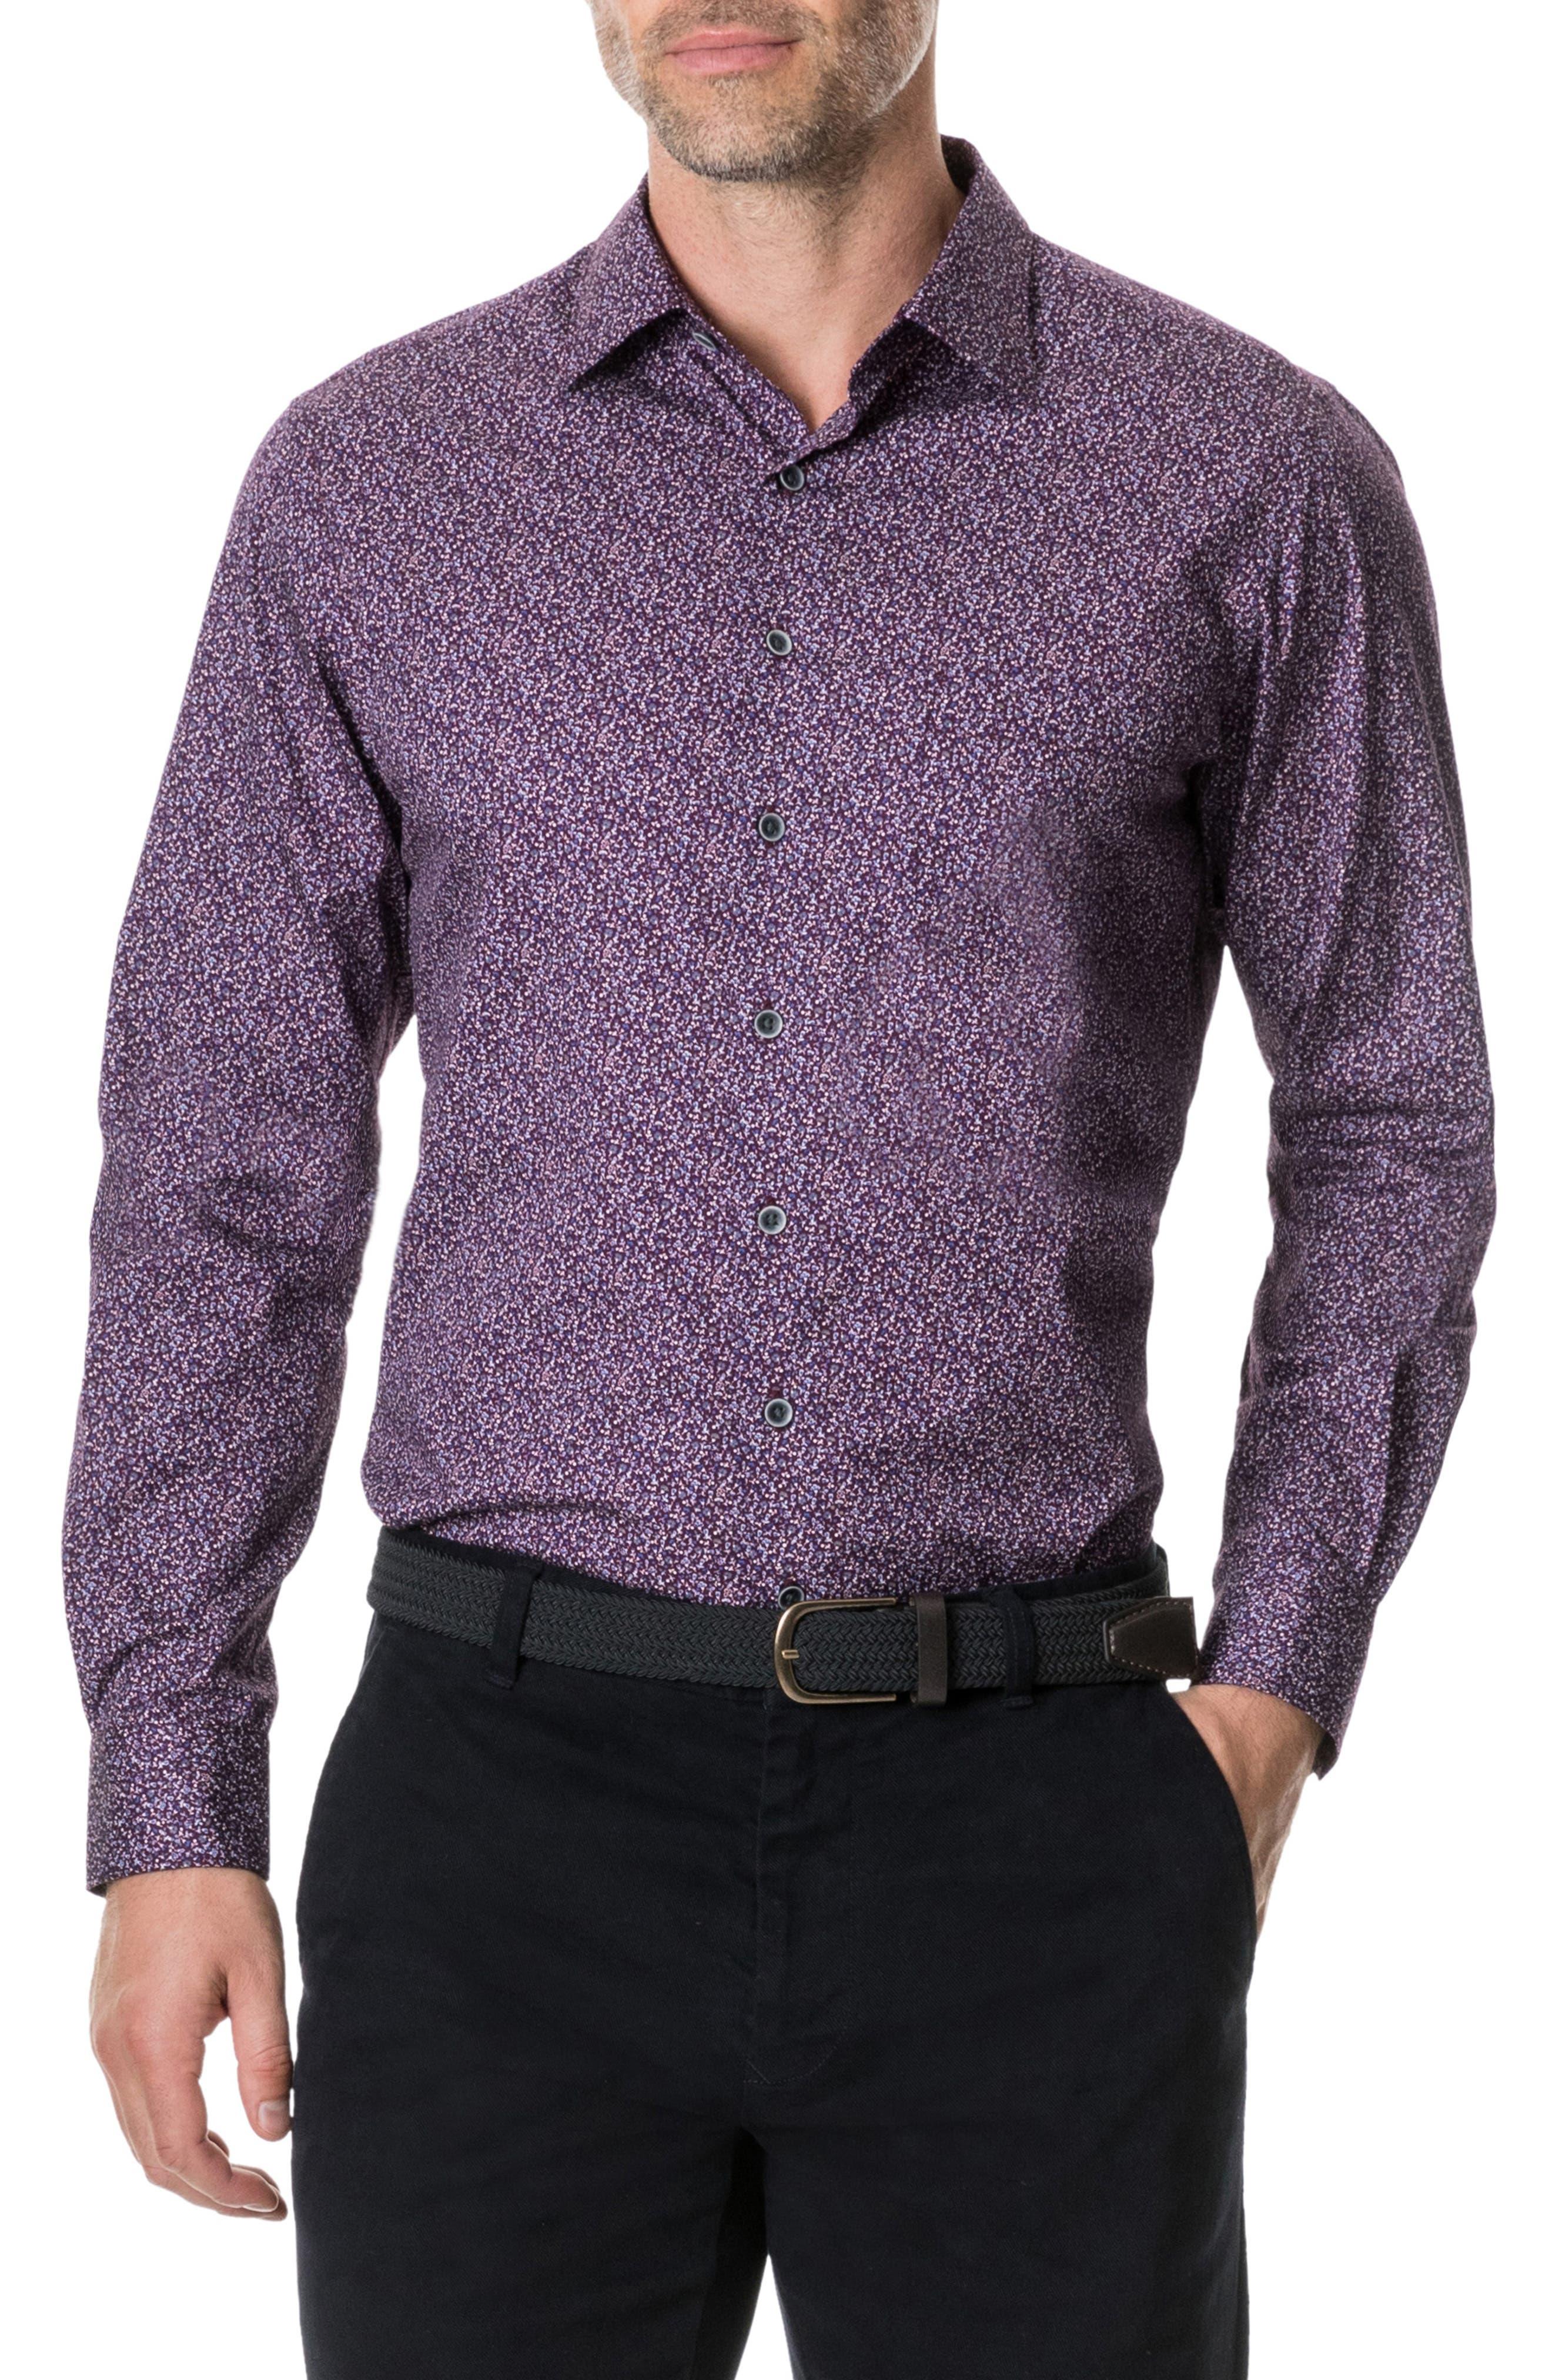 RODD & GUNN Scotland Street Regular Fit Floral Sport Shirt, Main, color, PLUM PURPLE